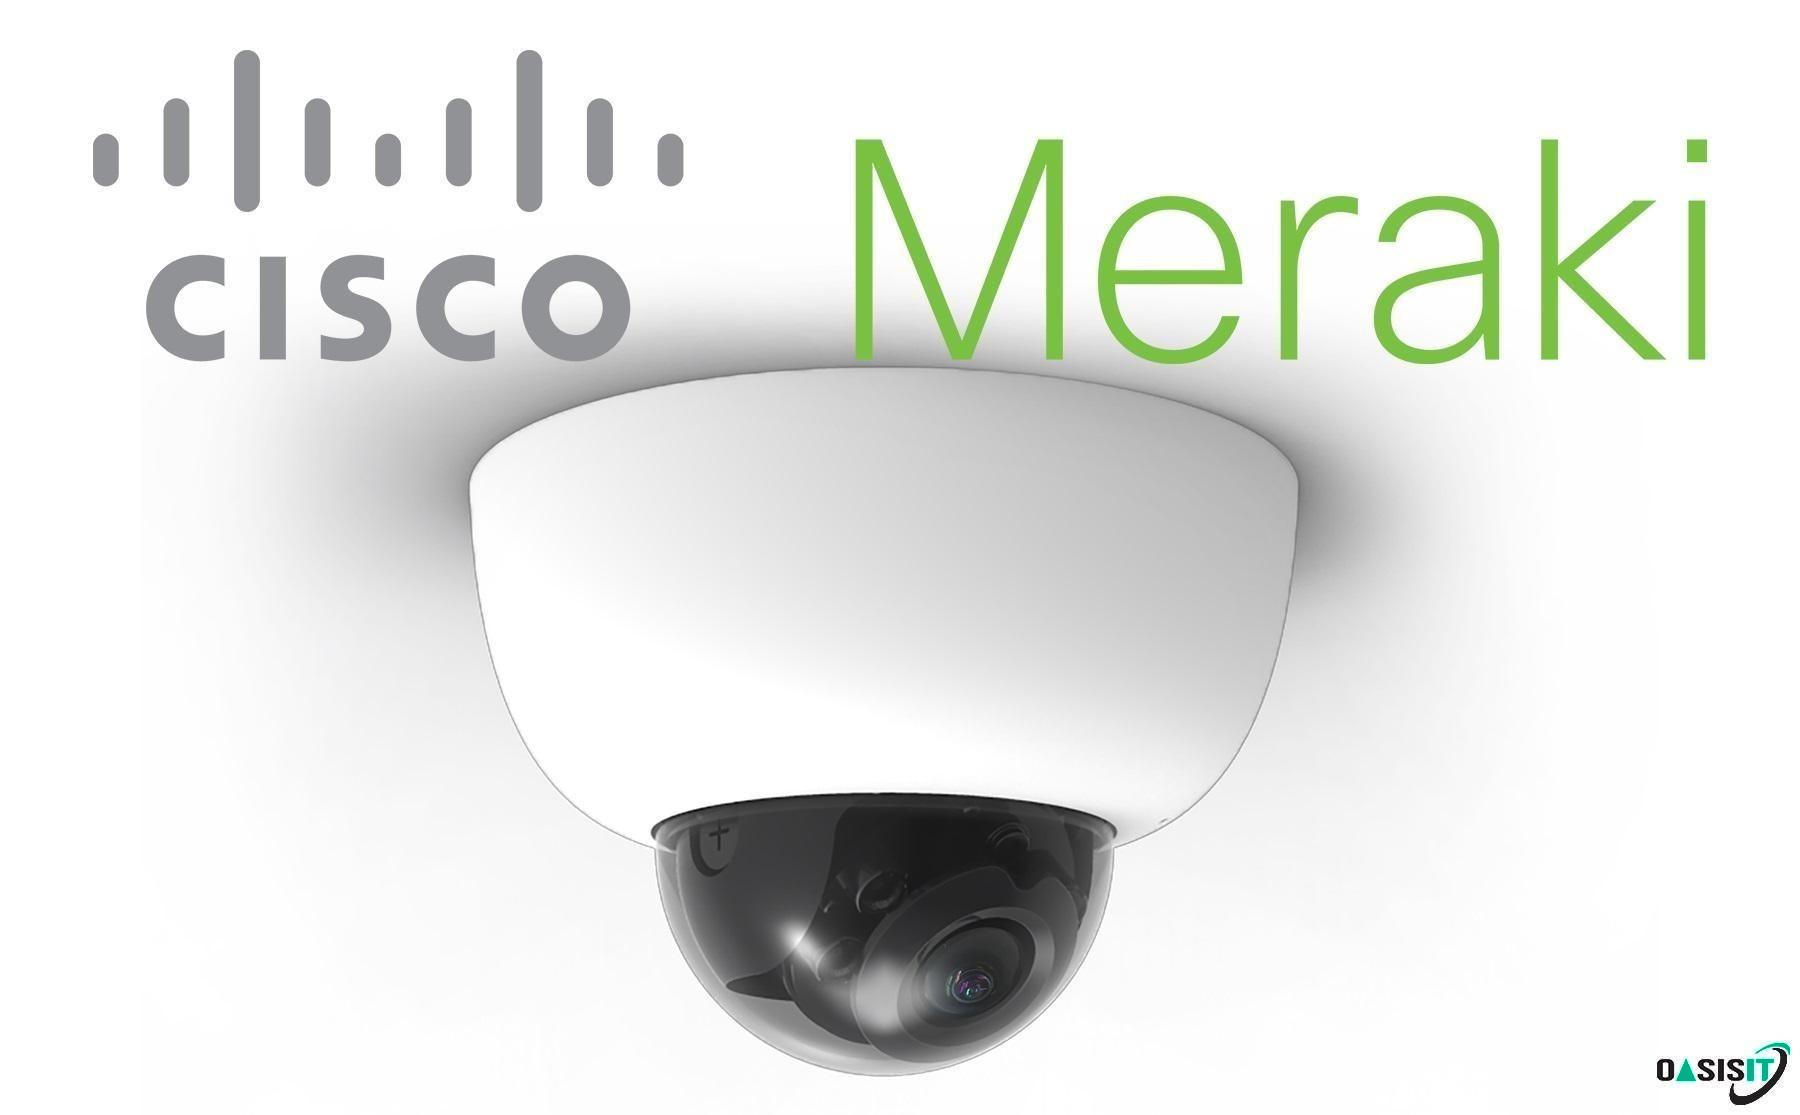 Cisco Meraki MV Cloud Managed Smart Cameras